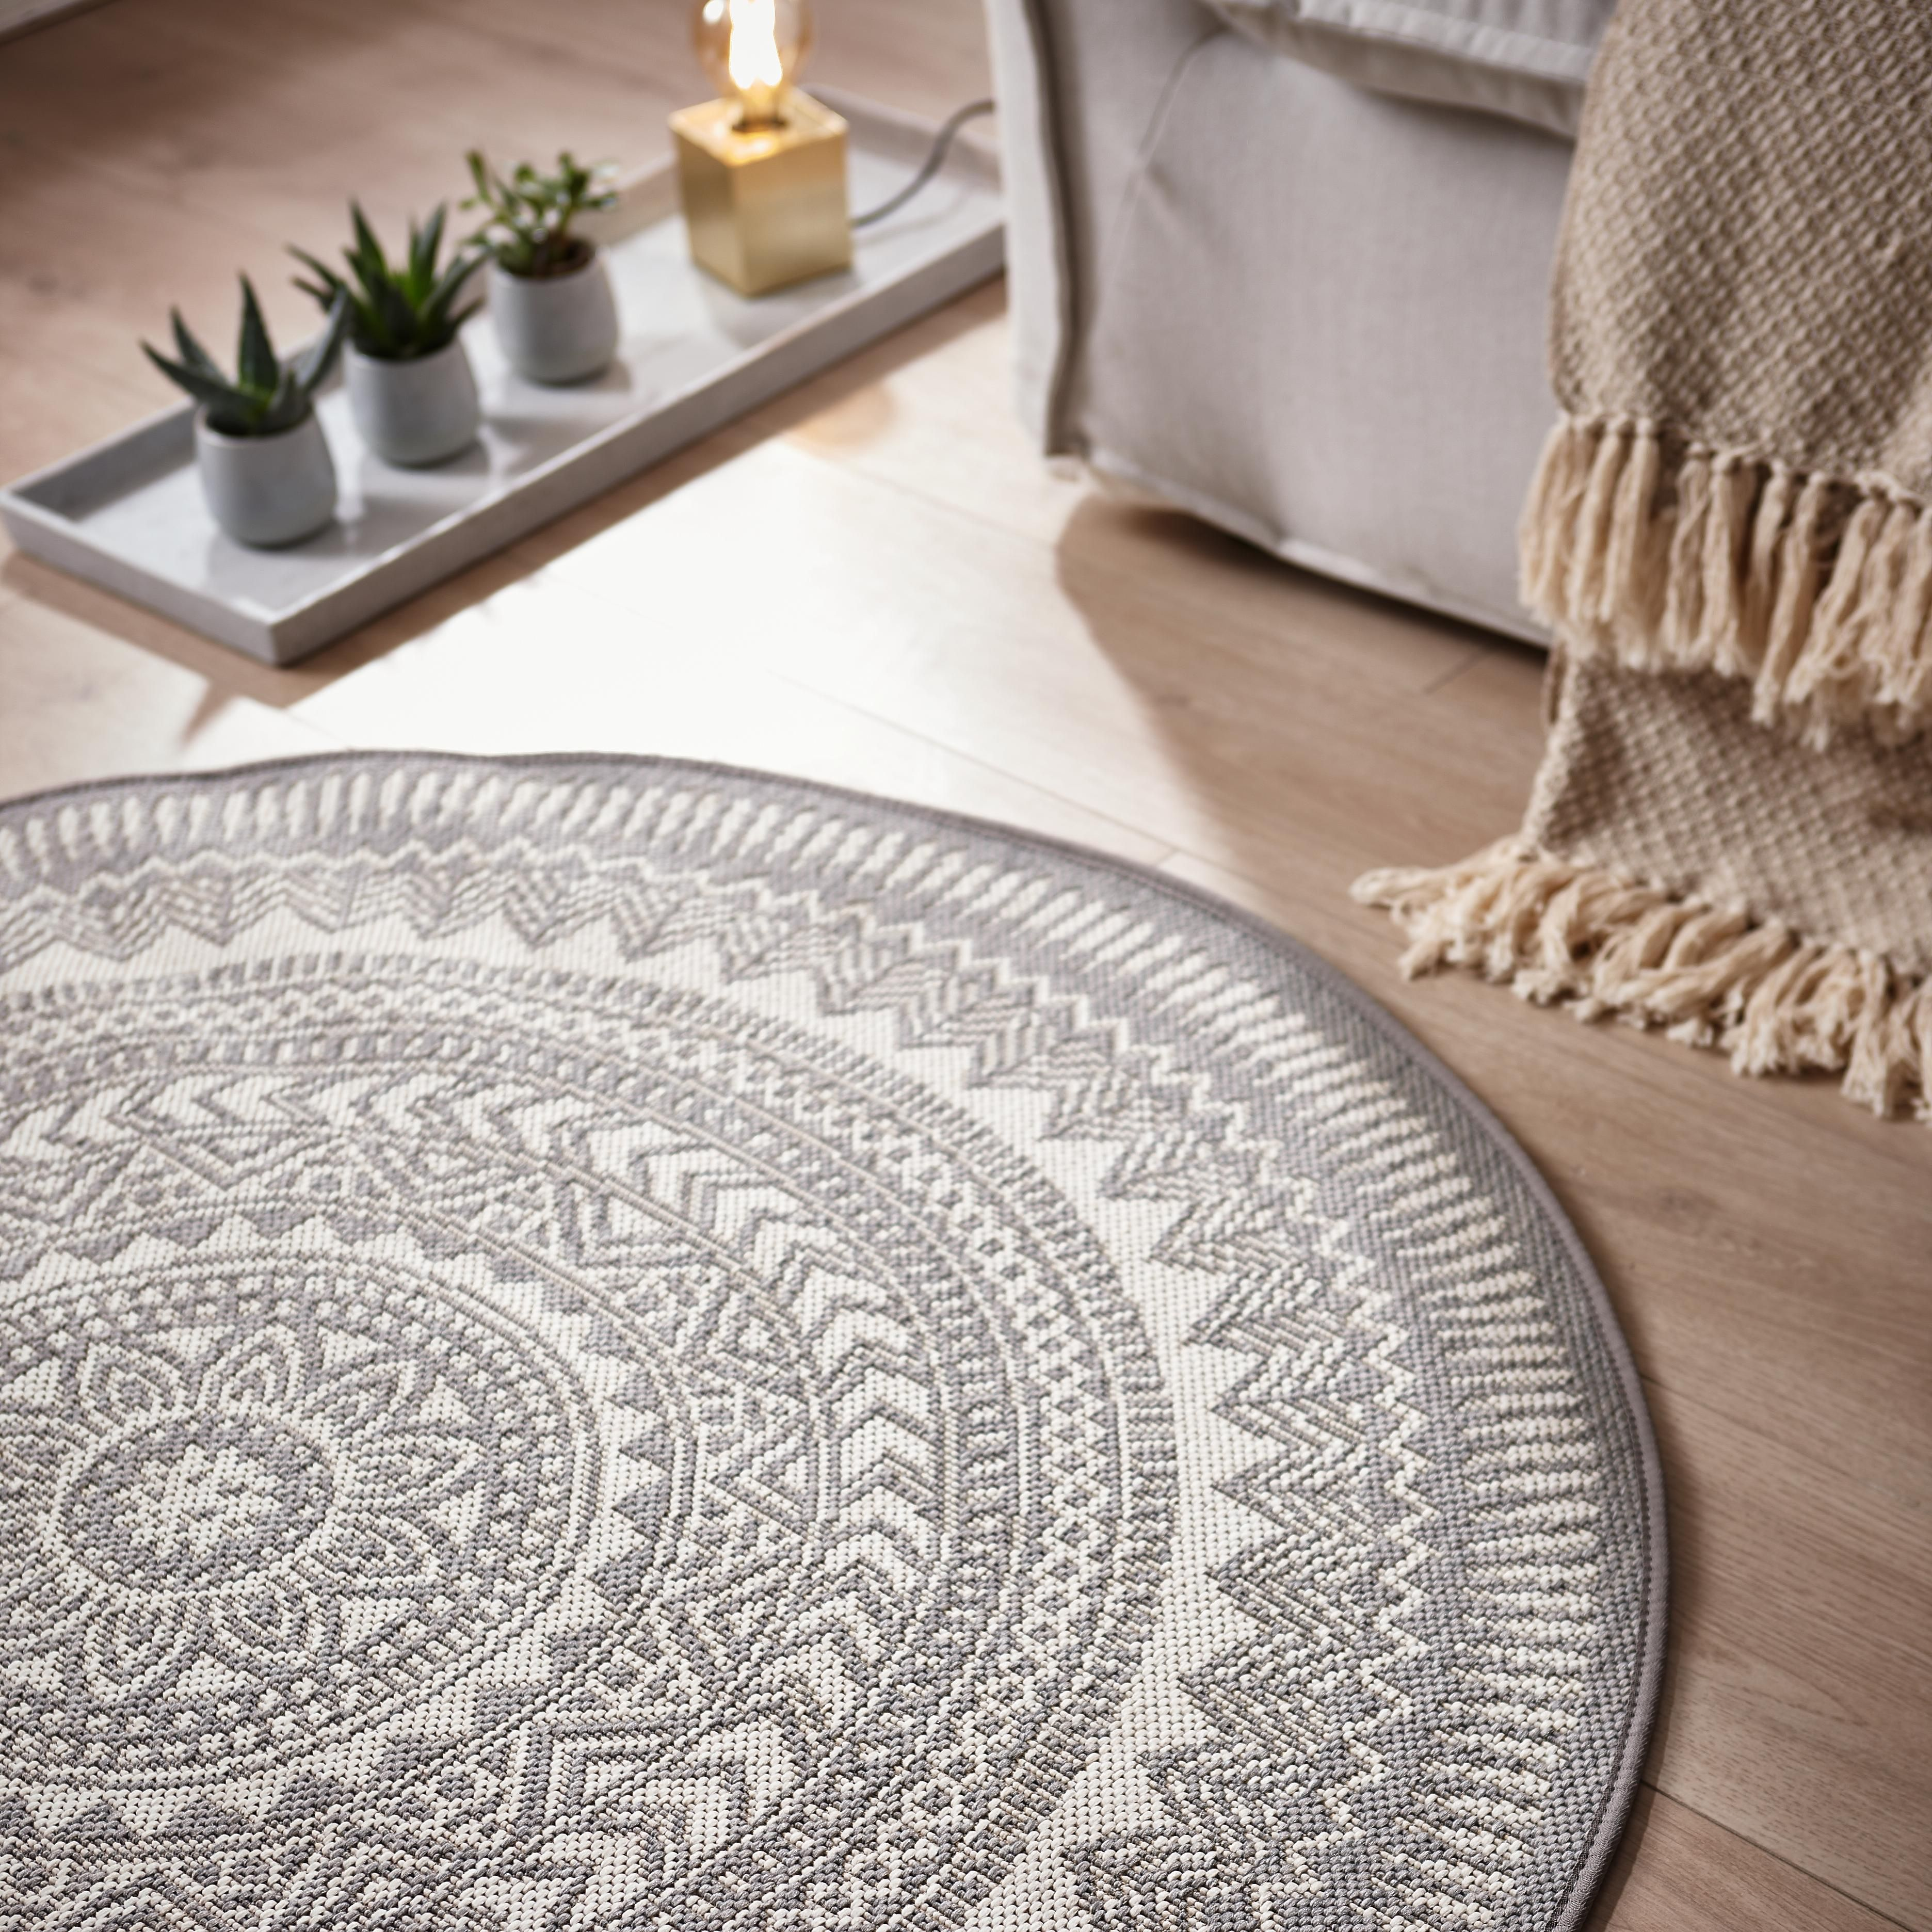 Dieser Runde Teppich Schafft Eine Wohnliche Atmosphare In Eurer Wohnung Und Passt Zu Vielen Mobelstucken Teppich Grau Rund Teppich Teppich Grau